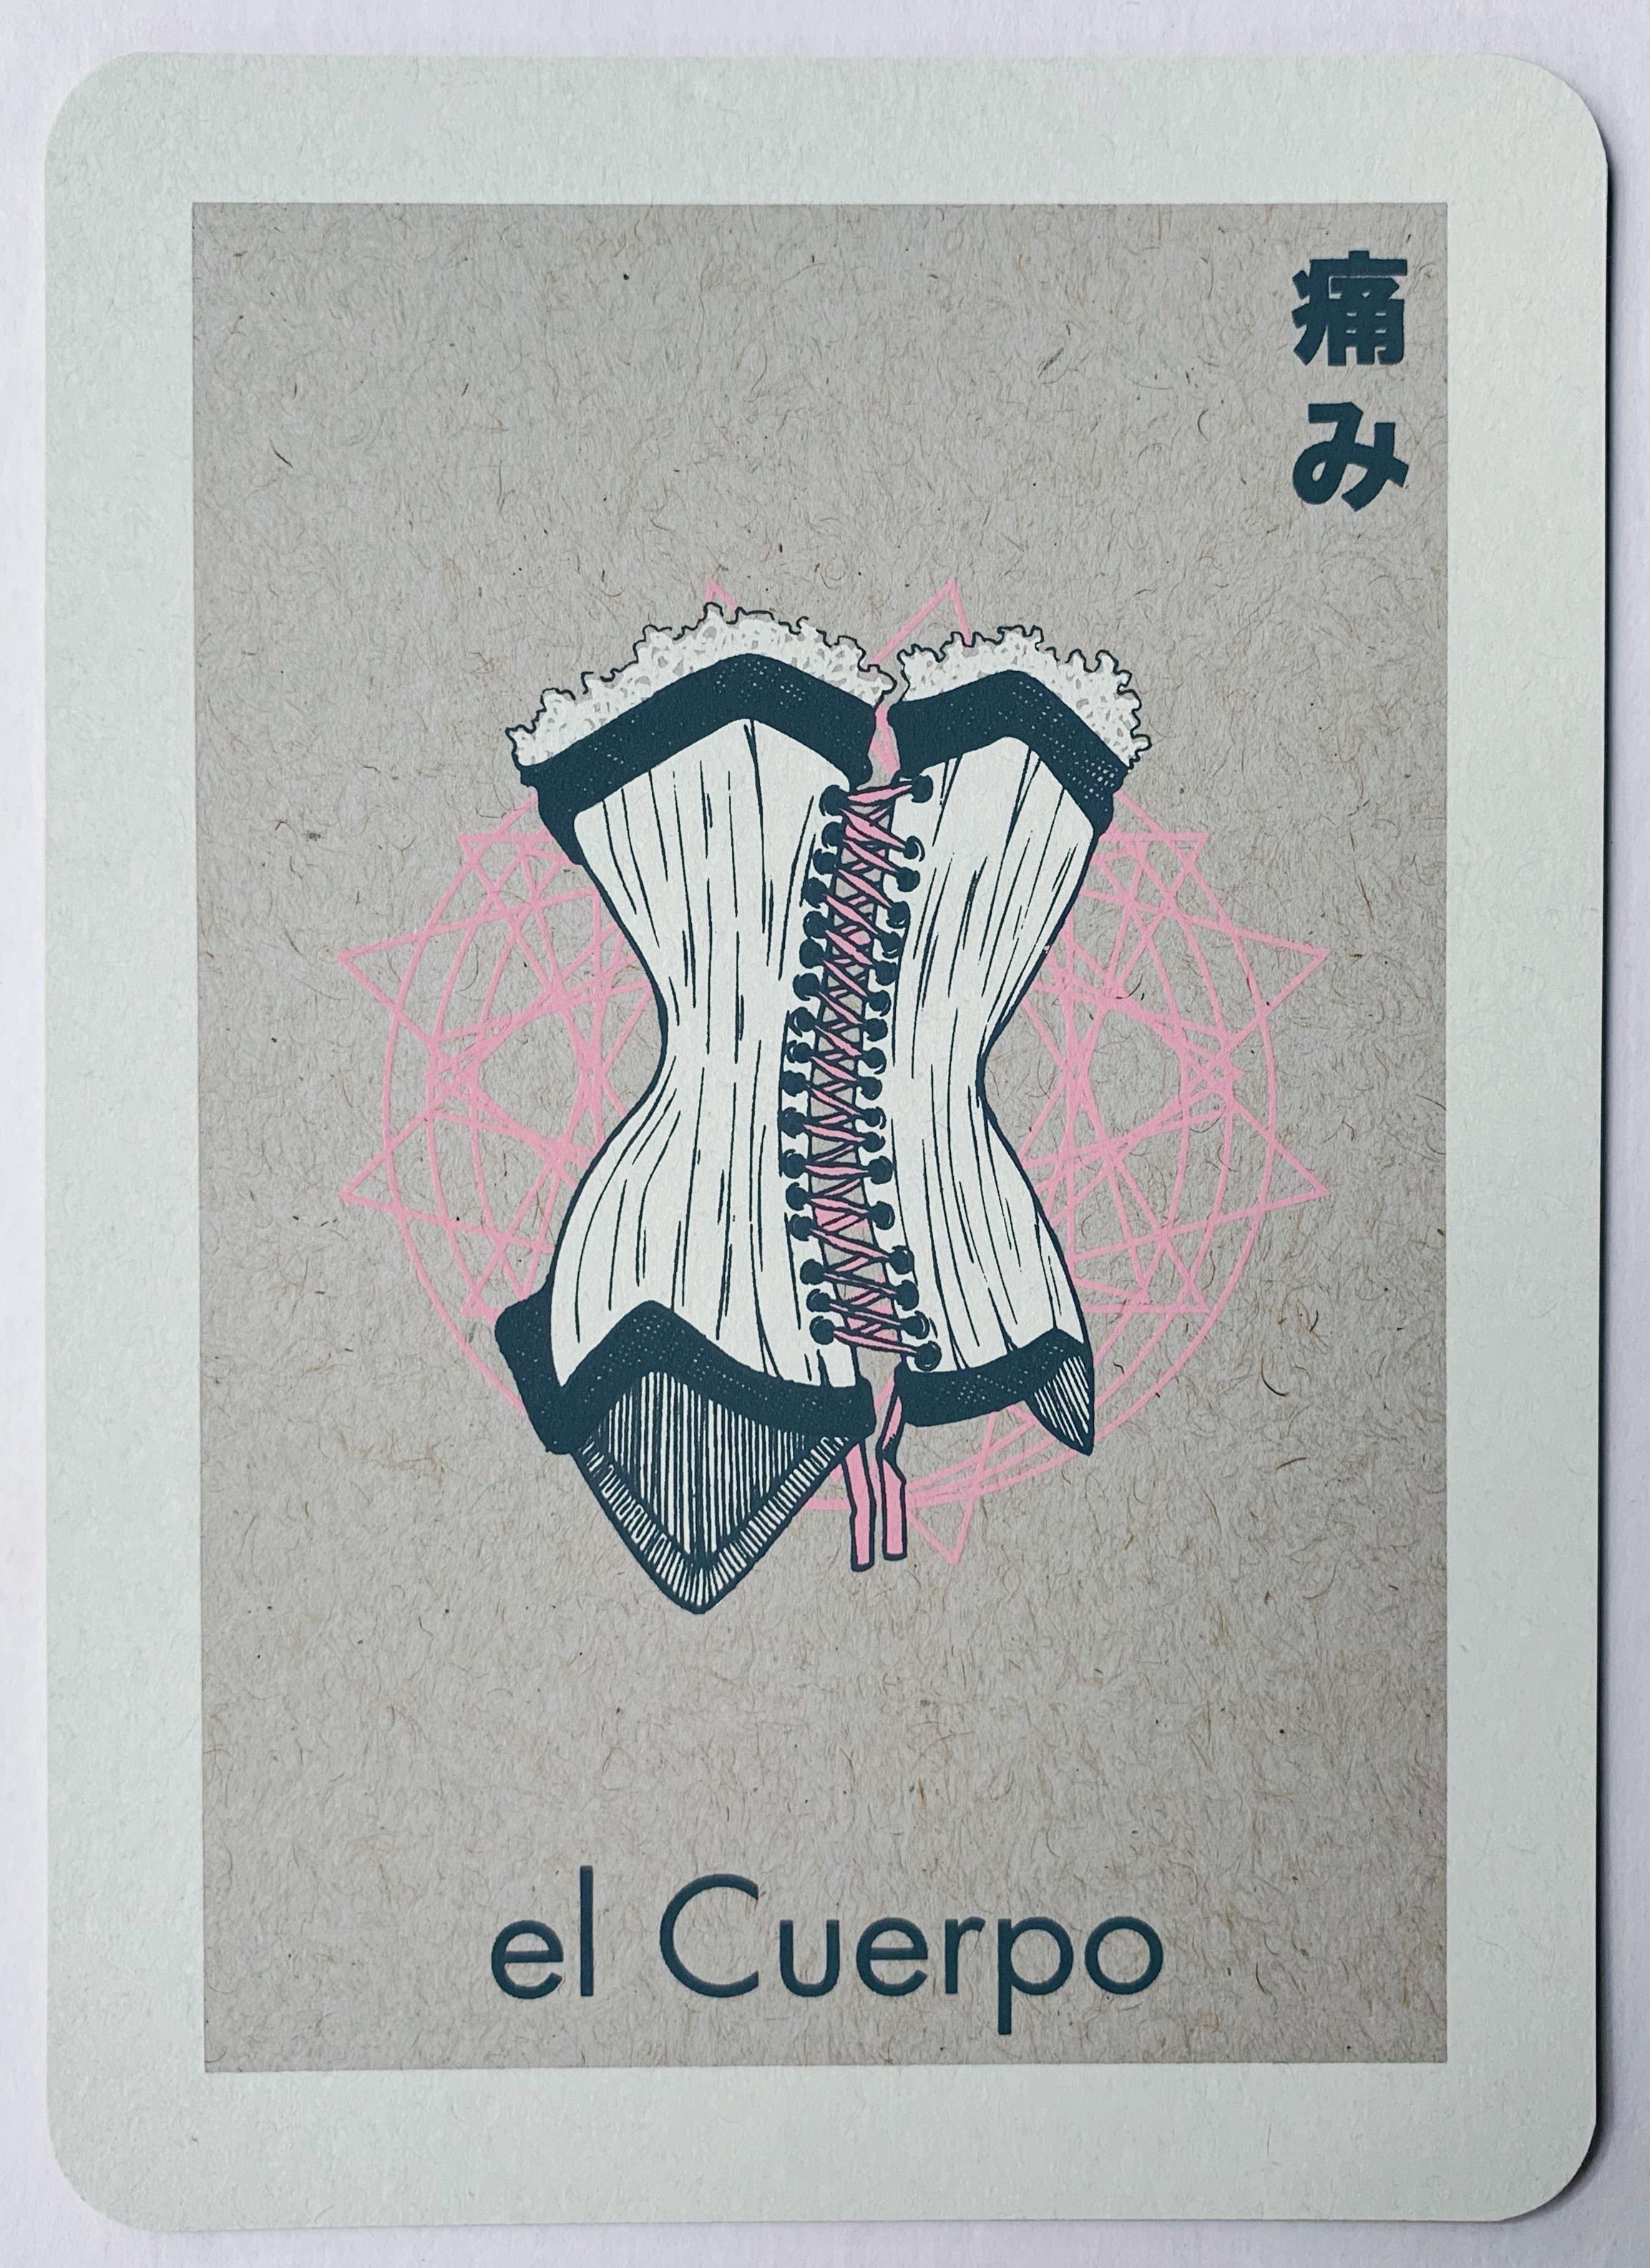 el Cuerpo, serigraphy, 2017